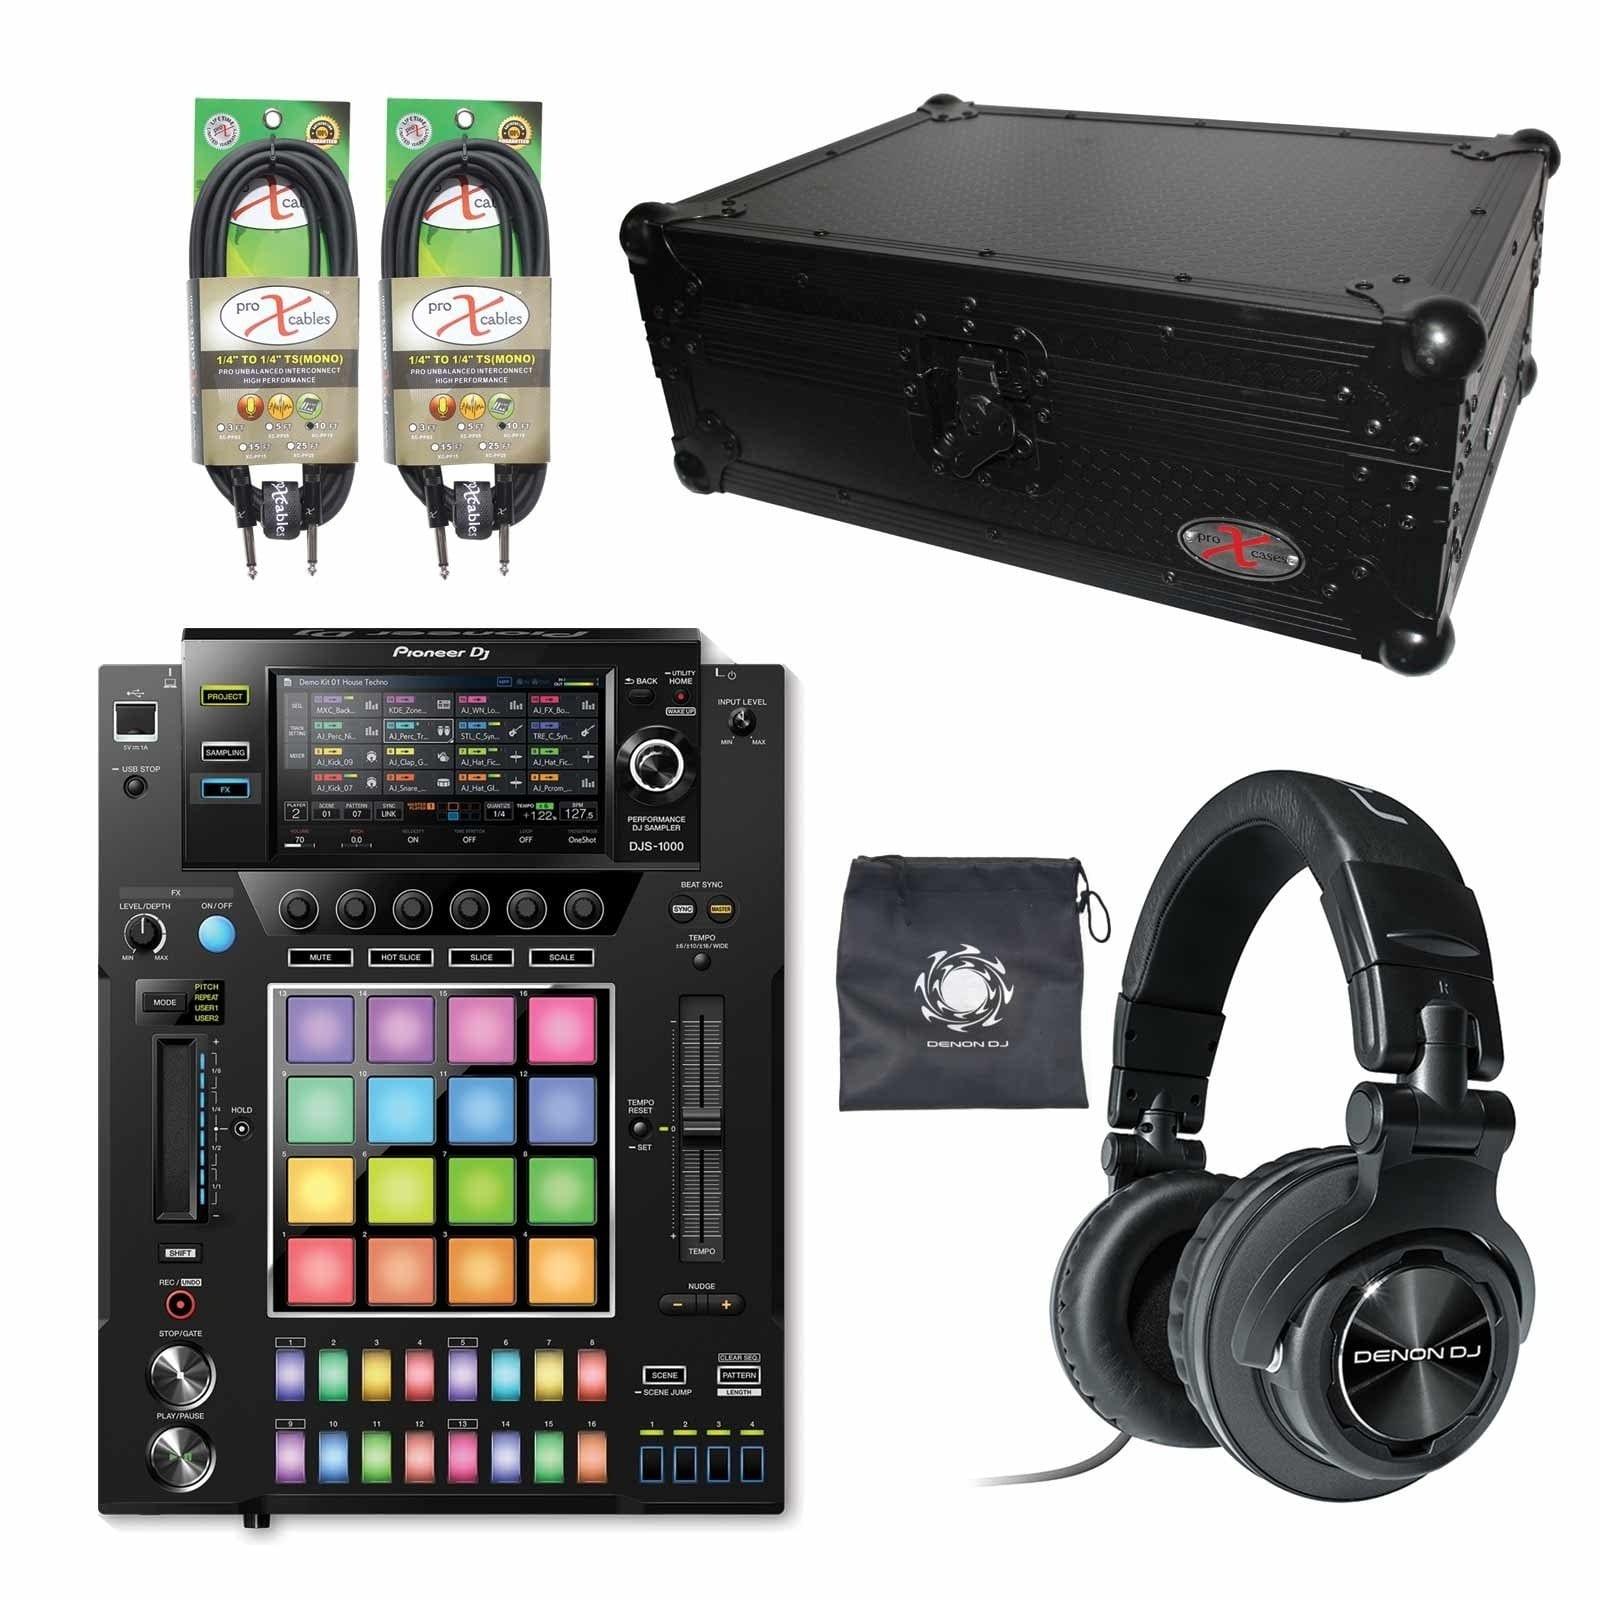 pioneer-dj-djs-1000-standalone-performance-dj-sampler-with-headphones-black-case-package-62f.jpg